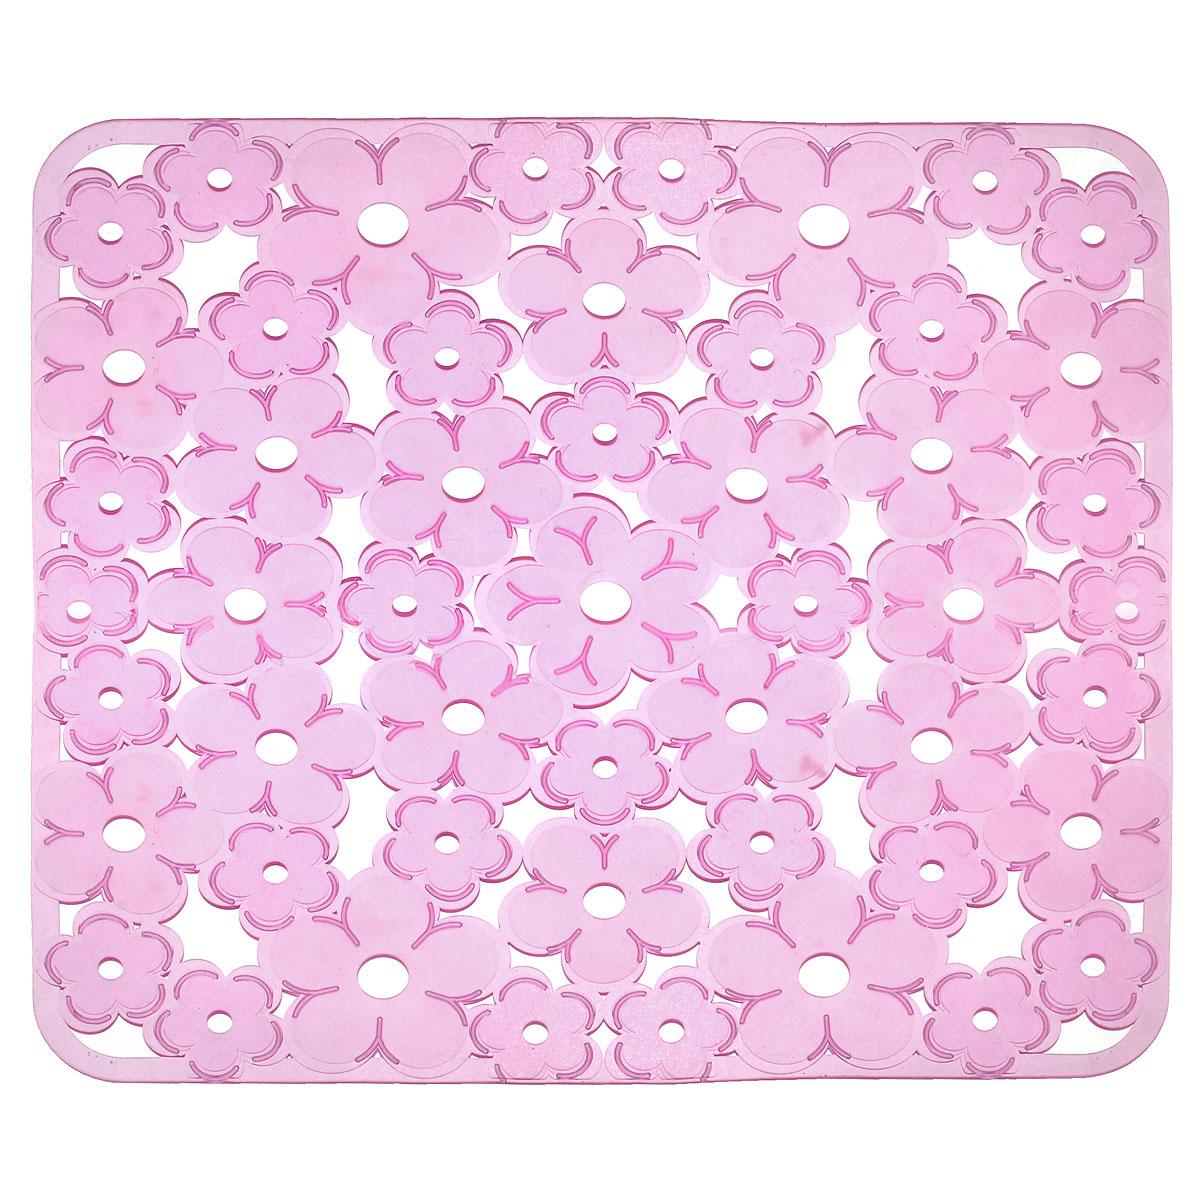 Коврик для раковины Metaltex, цвет: розовый, 32 см х 32 смOLIVIERA 75012-5C CHROMEКоврик для раковины Metaltex изготовлен из ПВХ с цветочным рисунком. Коврик имеет квадратную форму, поэтому прекрасно подойдет для любых раковин. Такой коврик защитит вашу посуду во время мытья, а также предотвратит засор труб, задерживая остатки пищи. Товар сертифицирован.